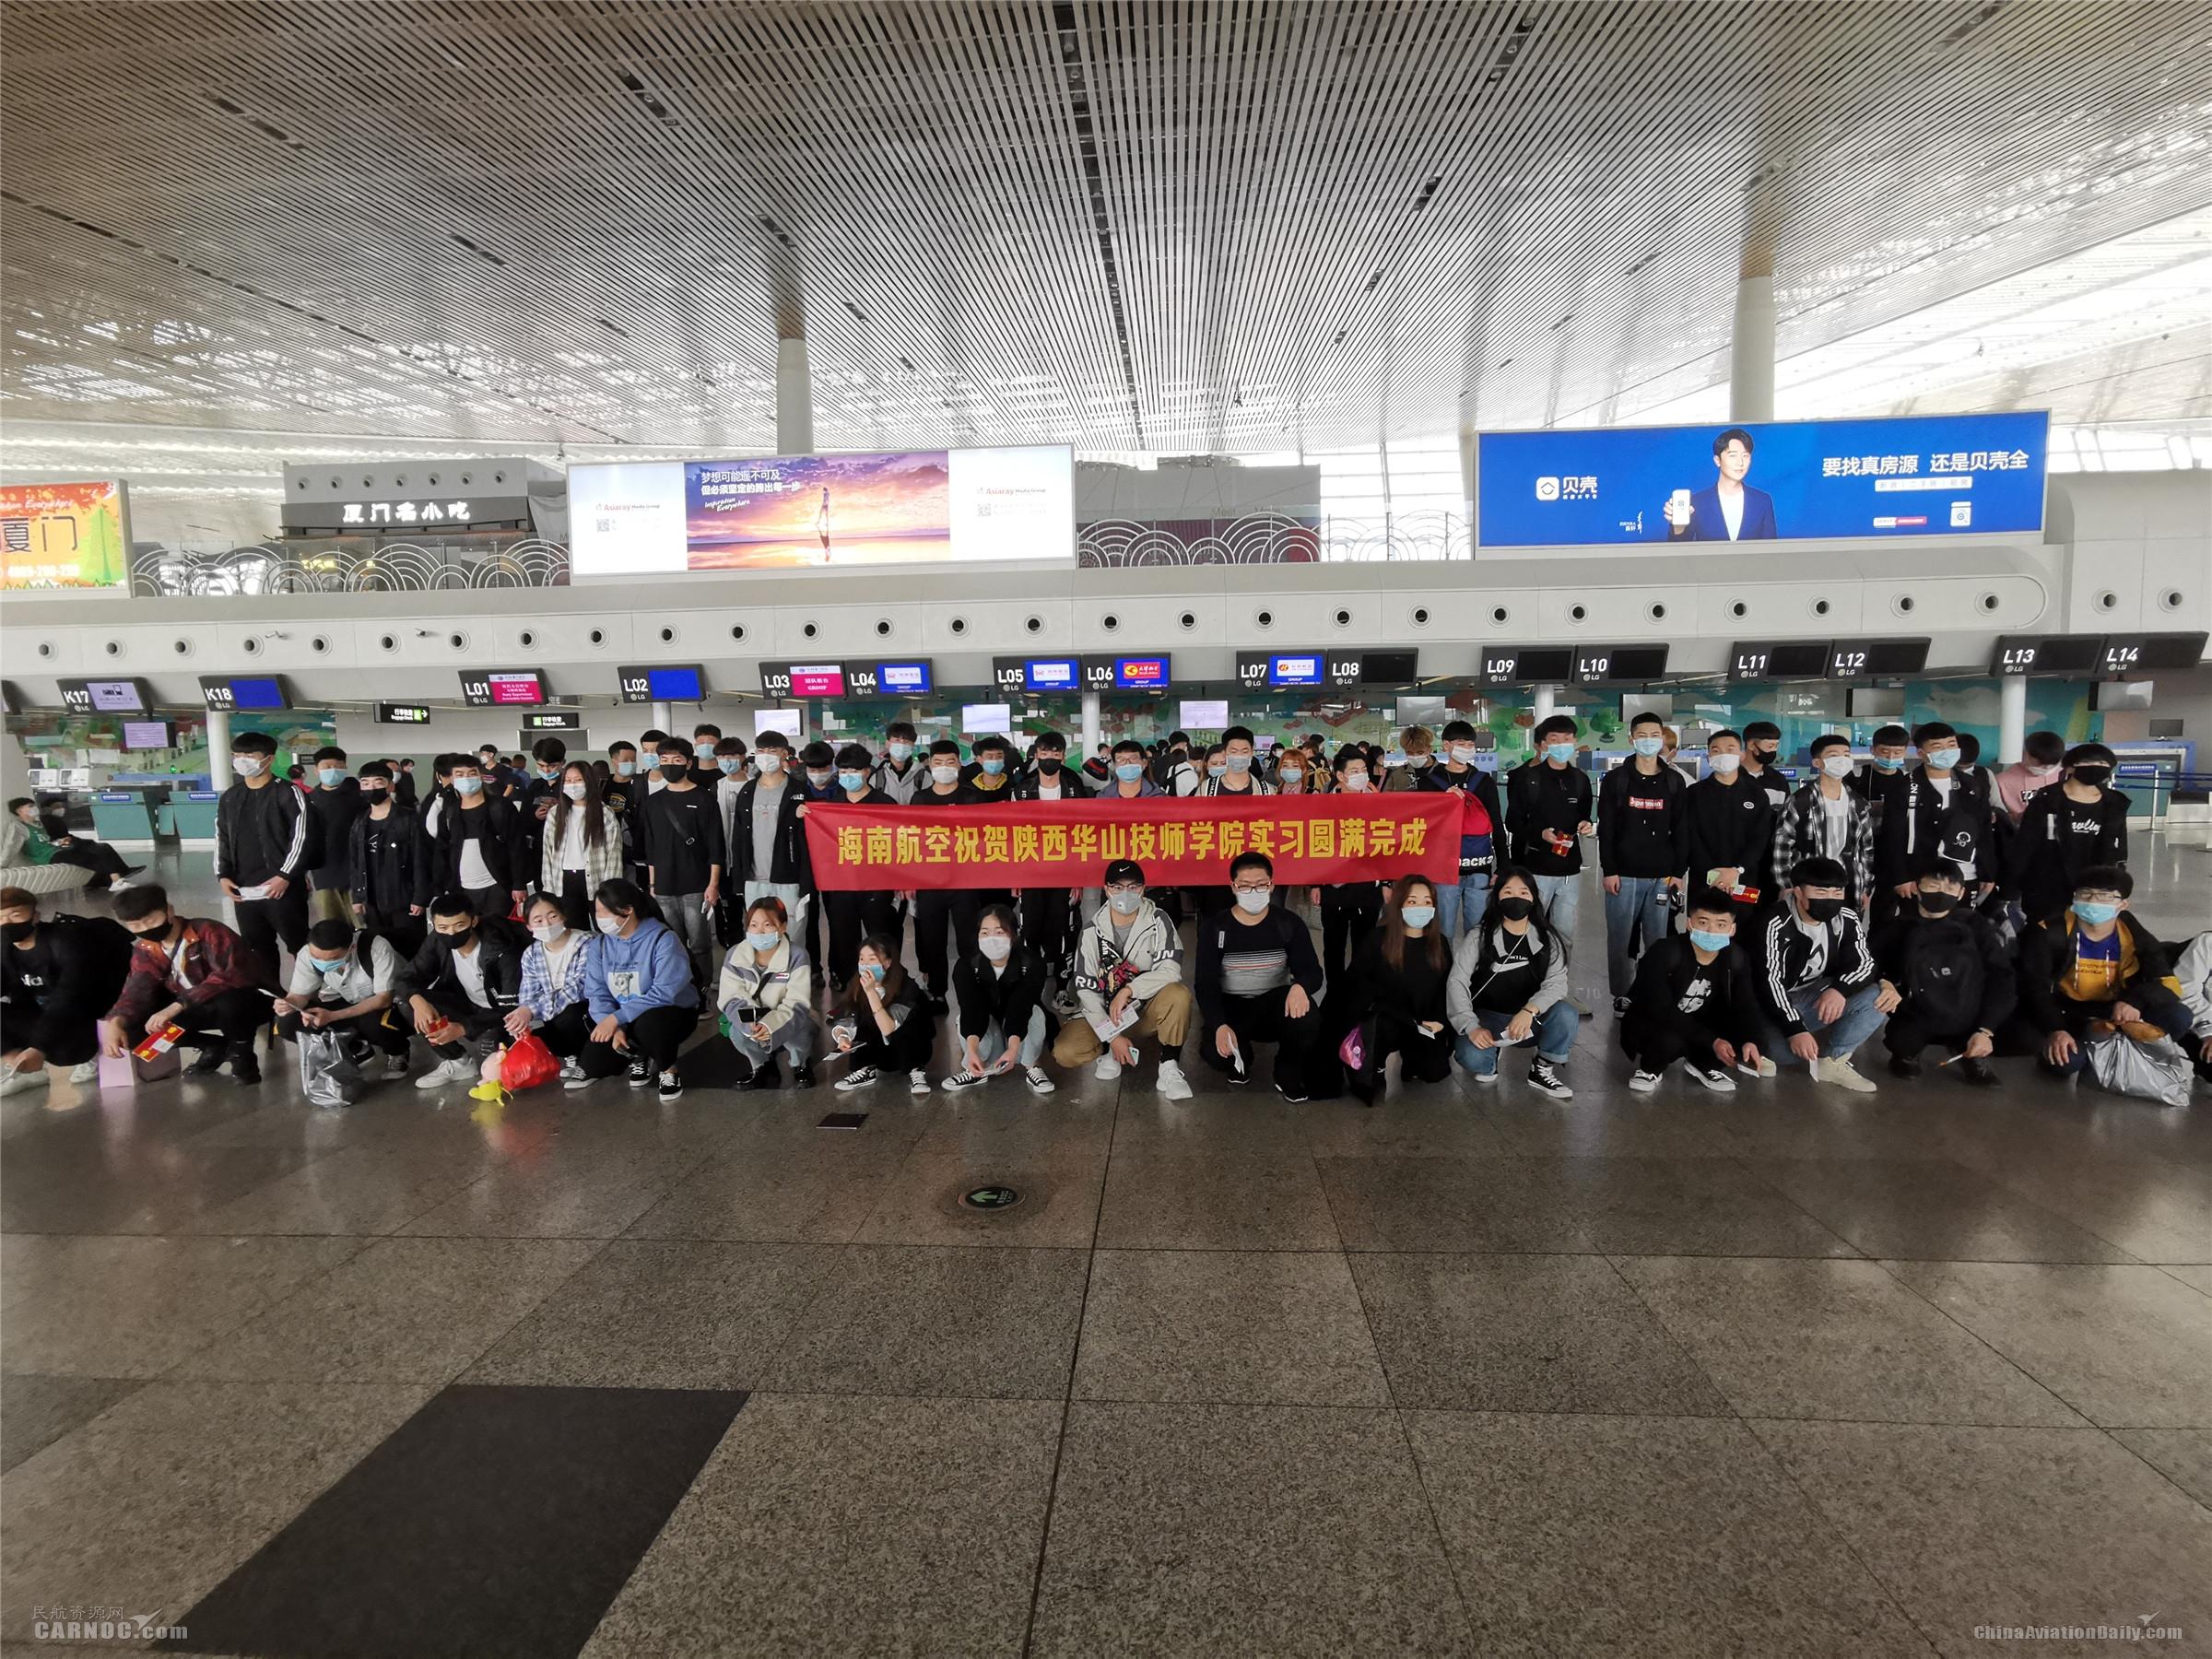 海南航空等三家航司助力343名陕西师生返程回家